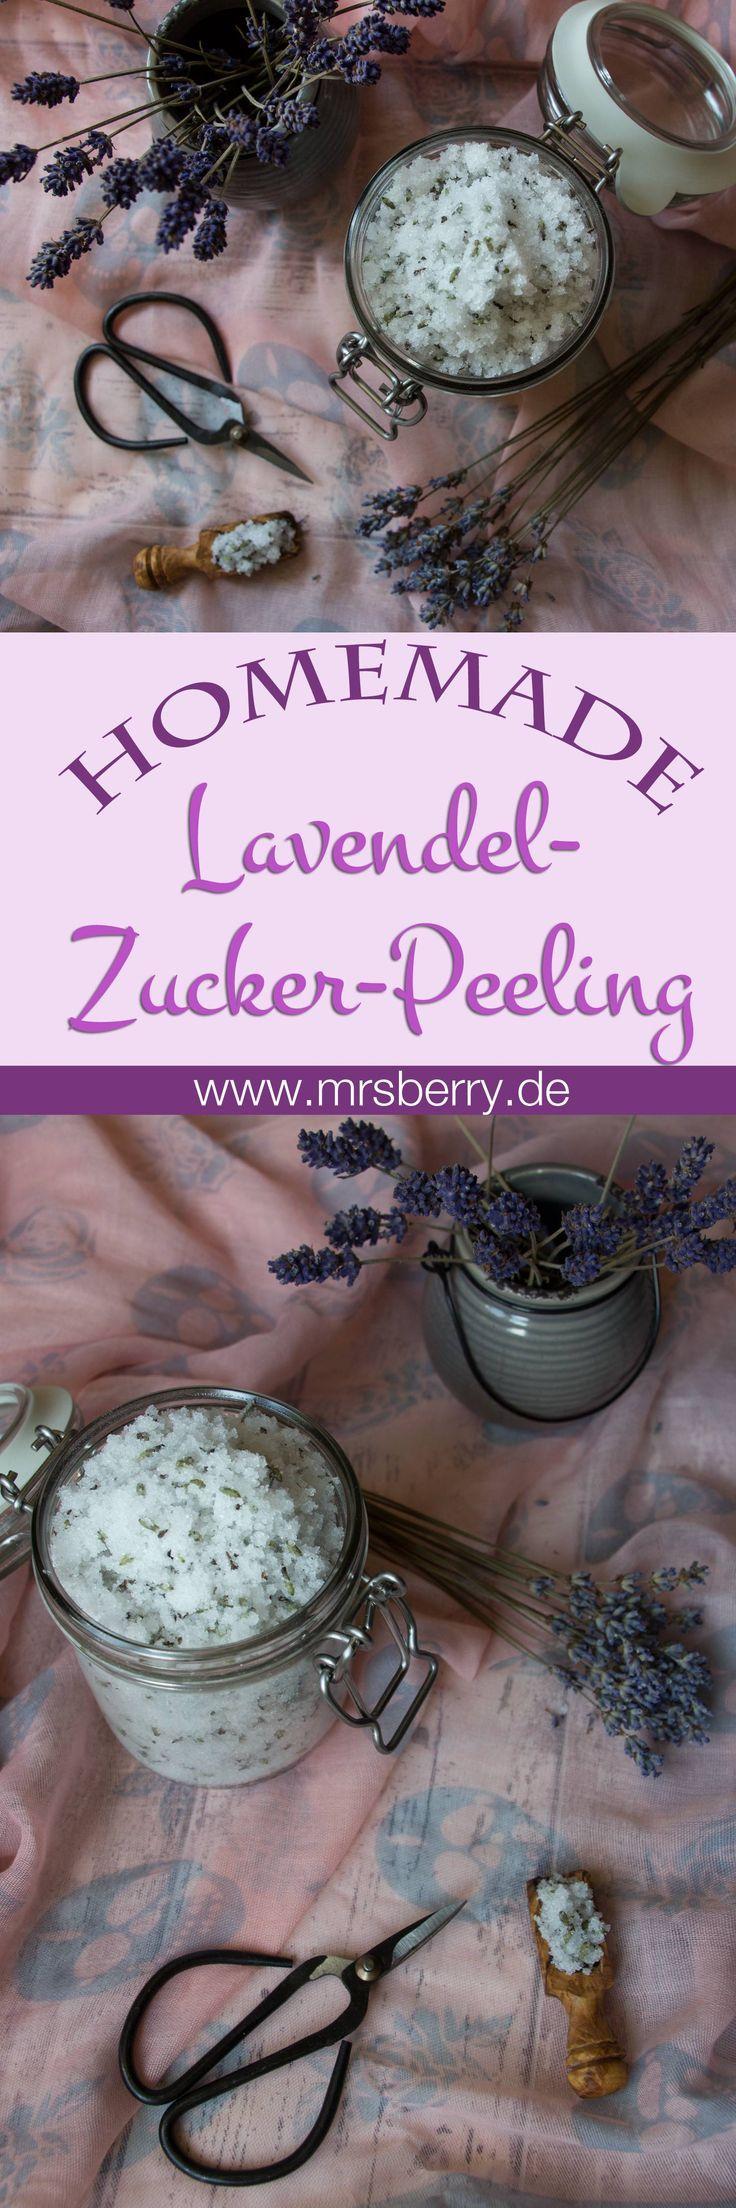 Peeling selbermachen: Lavender-Zucker-Peeling. Aus nur 4 Zutaten entsteht dieses…